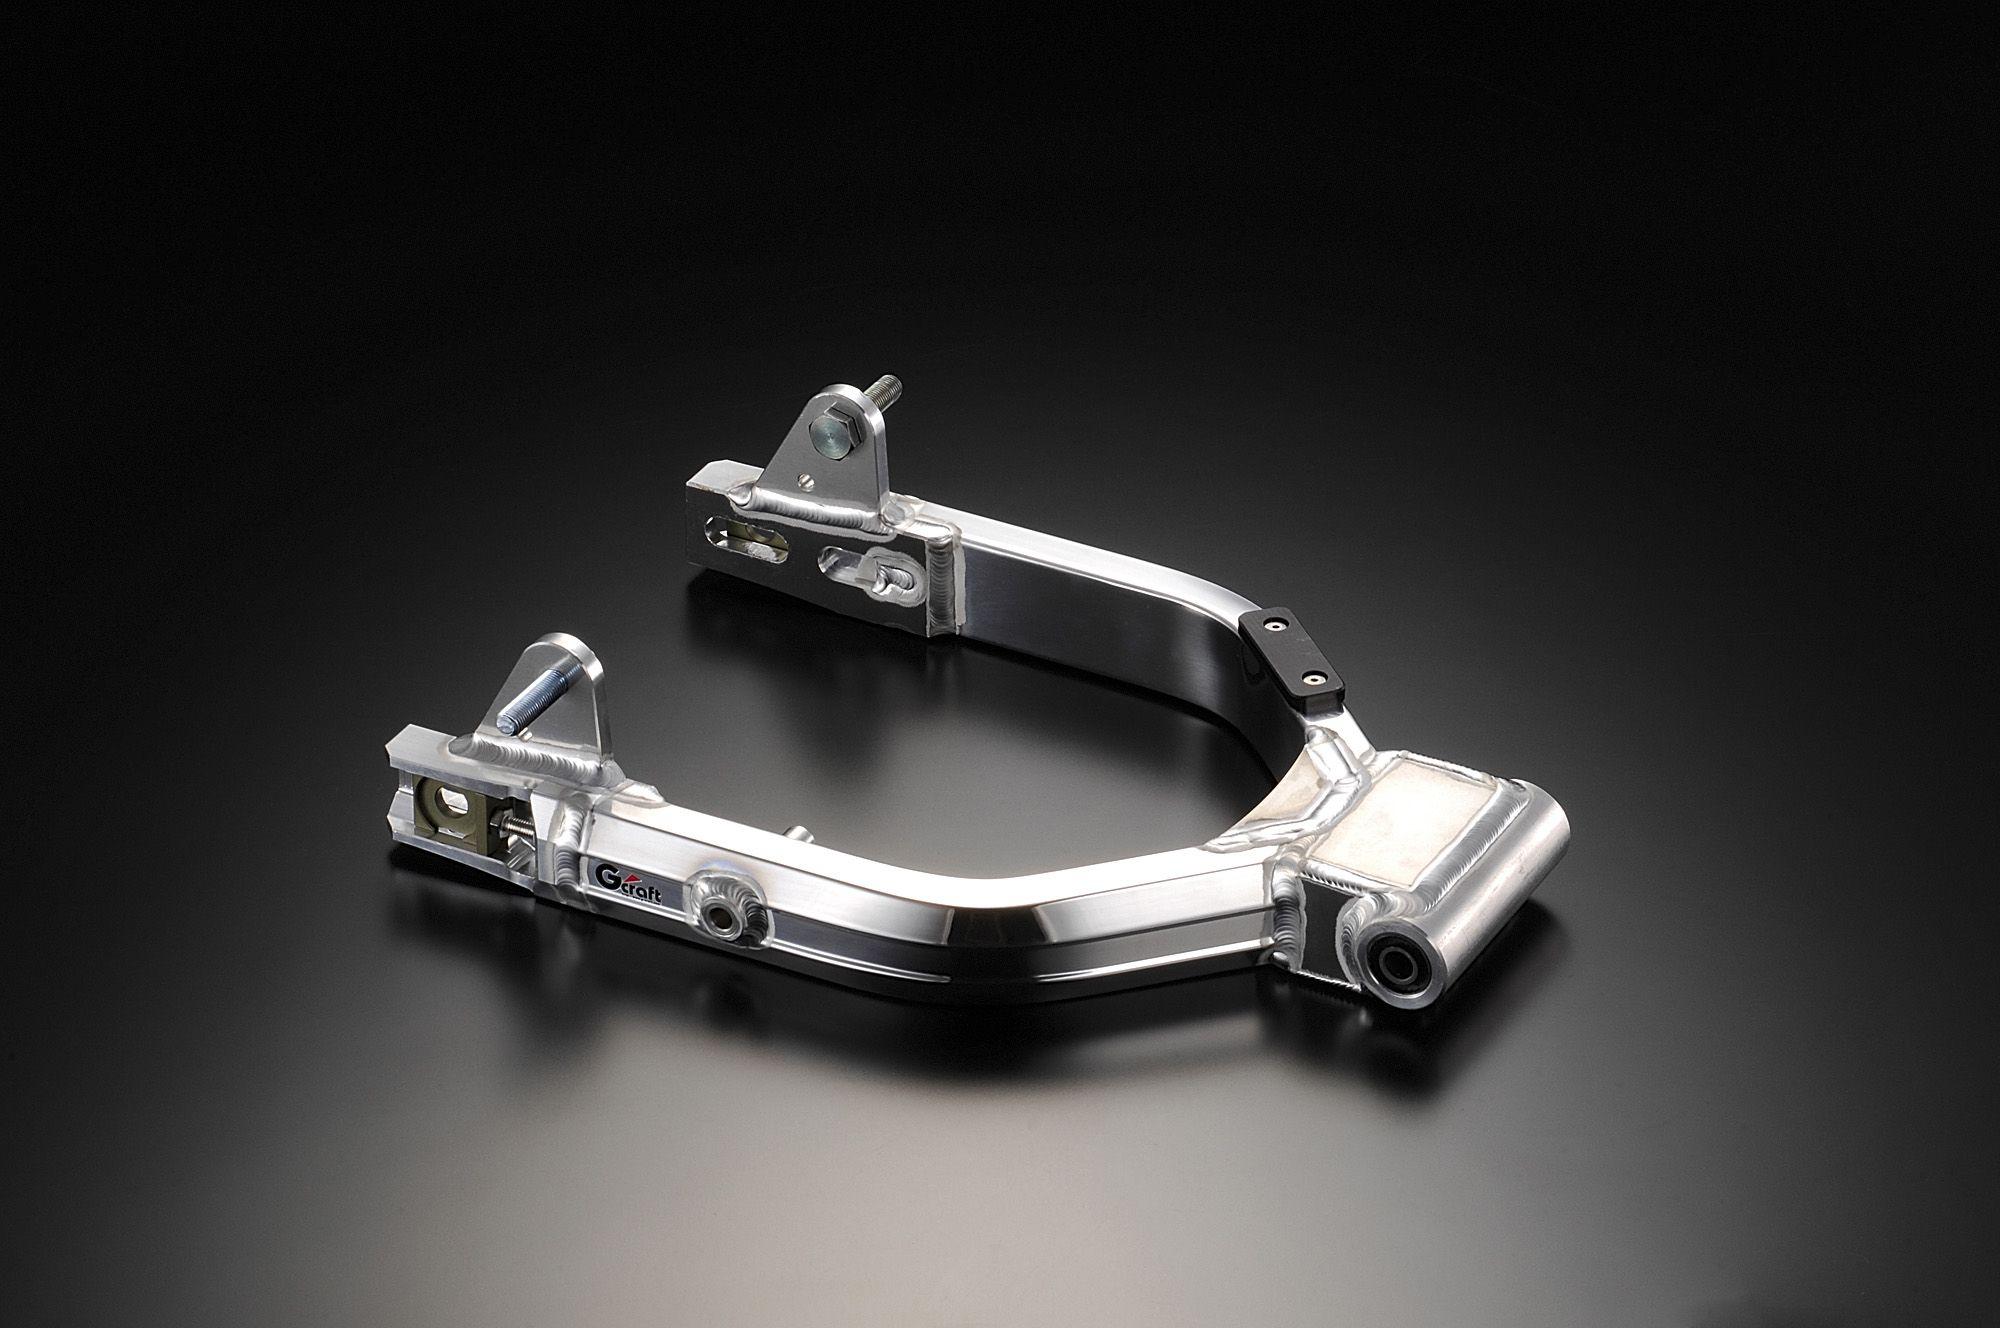 DAX專用多角型雙避震後搖臂mini 加長12cm